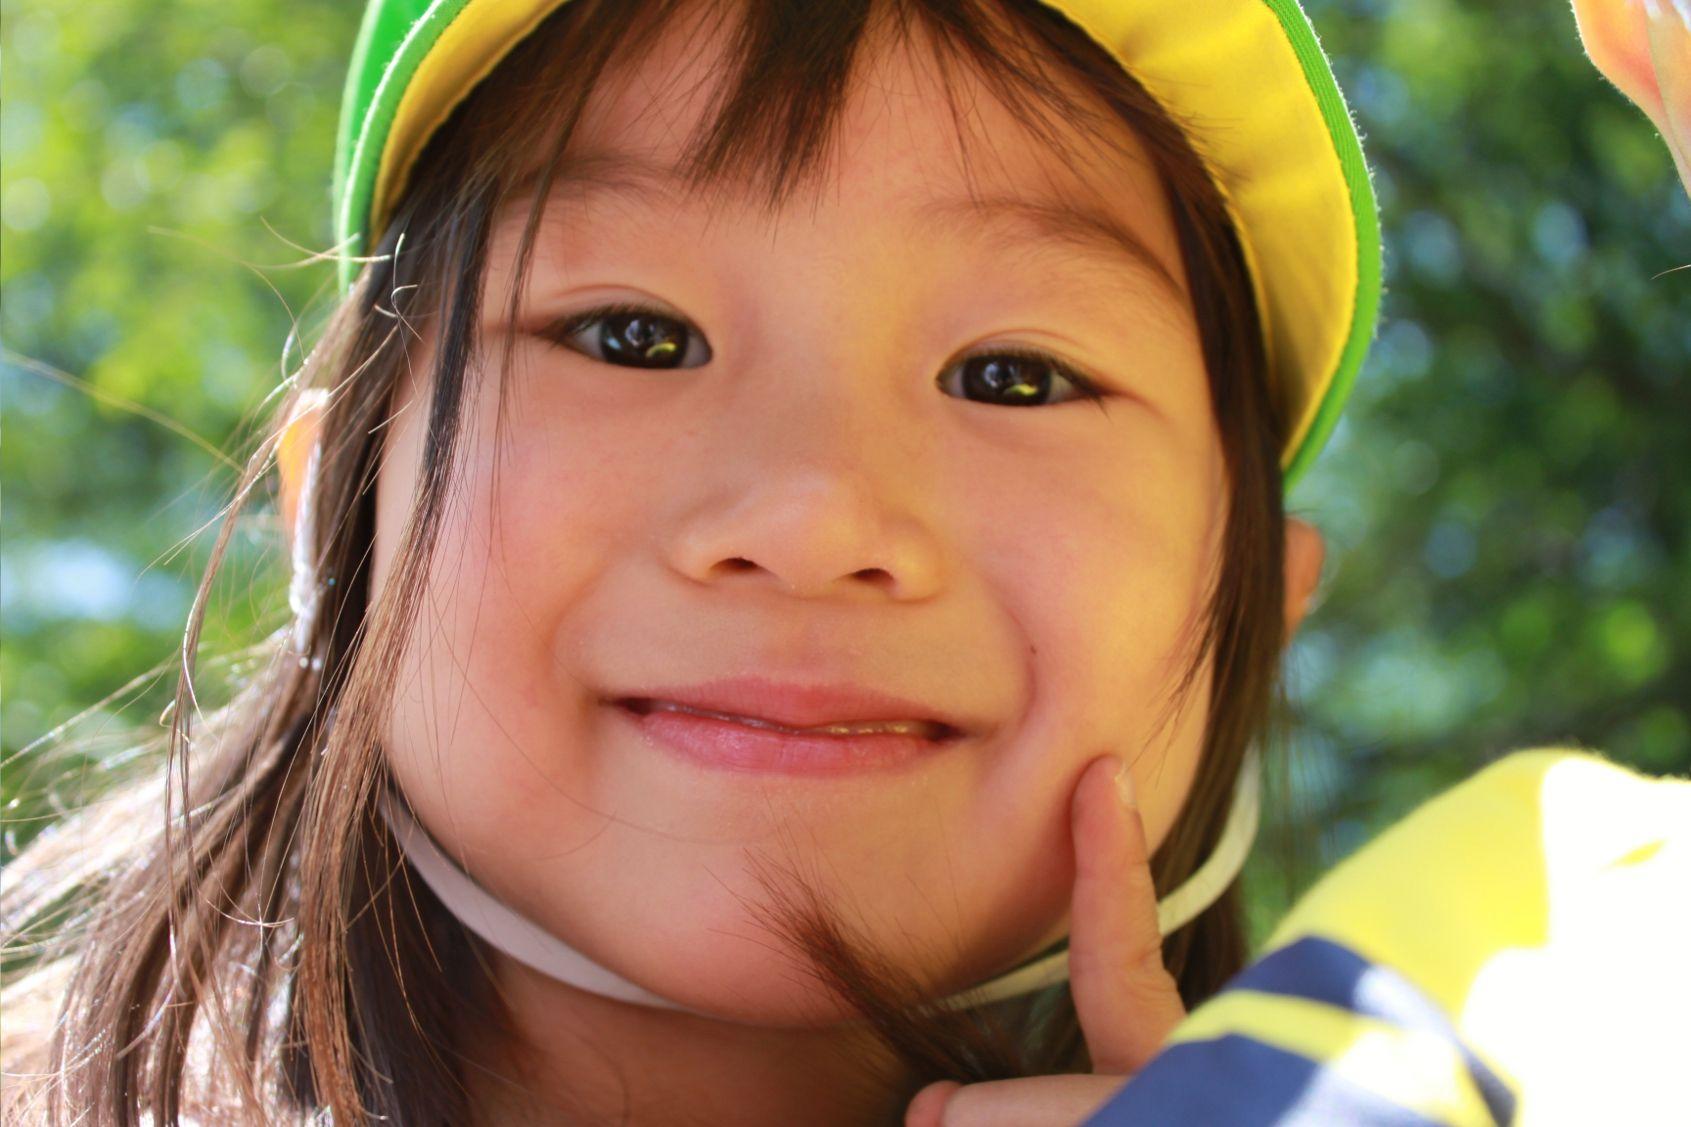 【野方駅より徒歩圏内】福利厚生充実♪子ども達の笑顔に囲まれながら、一人ひとりに寄り添ったあたたかな保育を行っています。